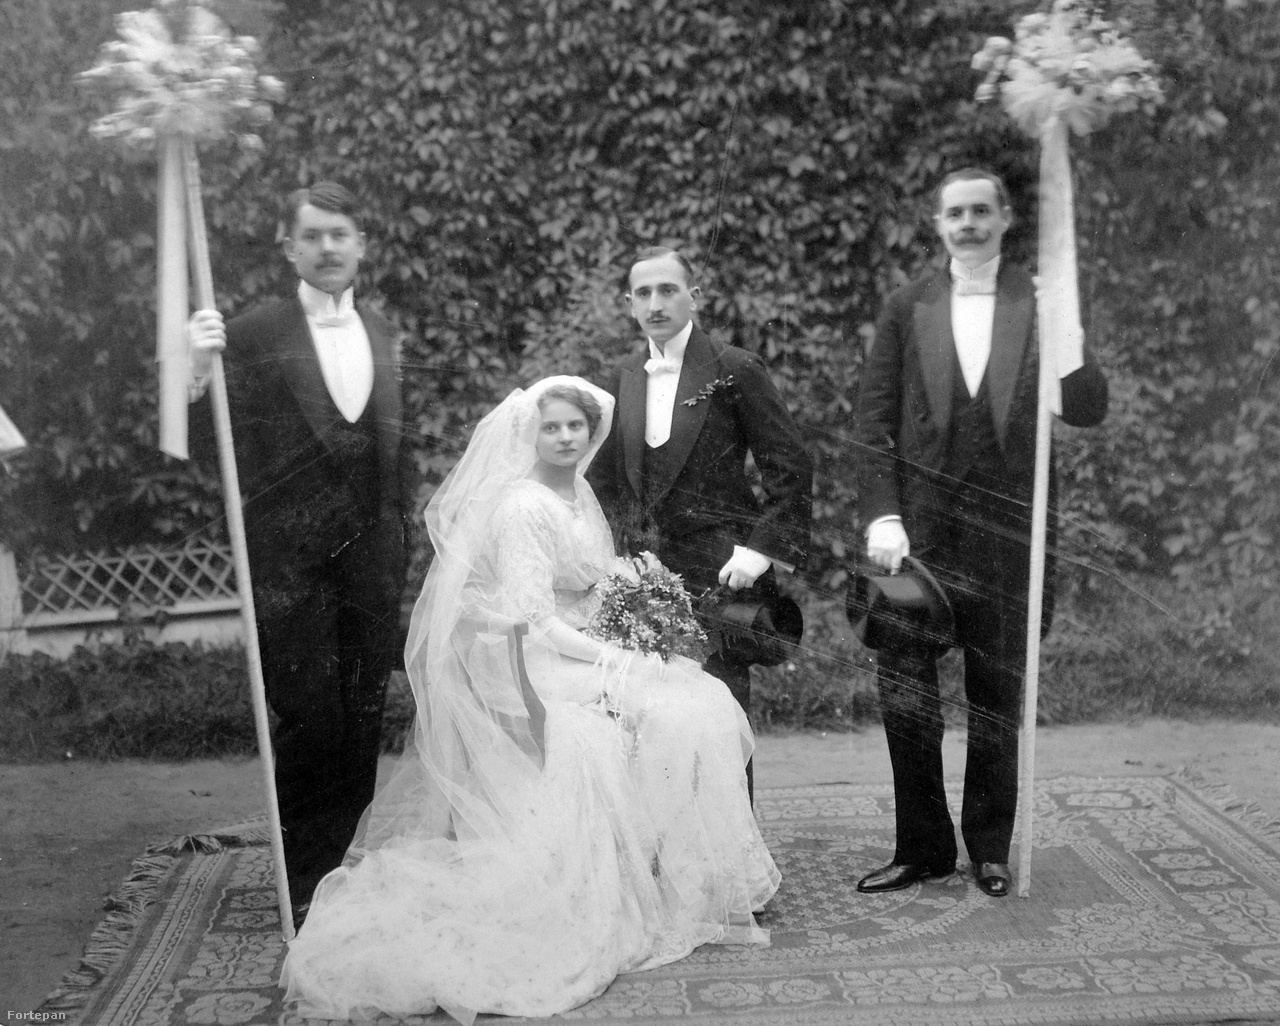 """A fehér fátyol, a mirtusz és a narancsvirág még valóban kijárt a menyasszonynak. A gólya-mese legendája általában az esküvő után oszlott el egy rövid, szégyenlős anya-lánya beszélgetésben. Így javasolta az első magyar orvosnő, Hugonnai Vilma is: """"Legjobb, ha a felvilágosítás az esküvő után azonnal megtörténik"""" a keserű csalódás vagy """"rettenetes lealázás"""" érzésének elkerülése érdekében. Aztán a házasság lett, amilyen lett: boldog vagy boldogtalan, érdek vagy szerelmi, menekülés vagy szabadság – akárcsak ma. De mindenképpen elvárt státus volt, valódi életcél."""